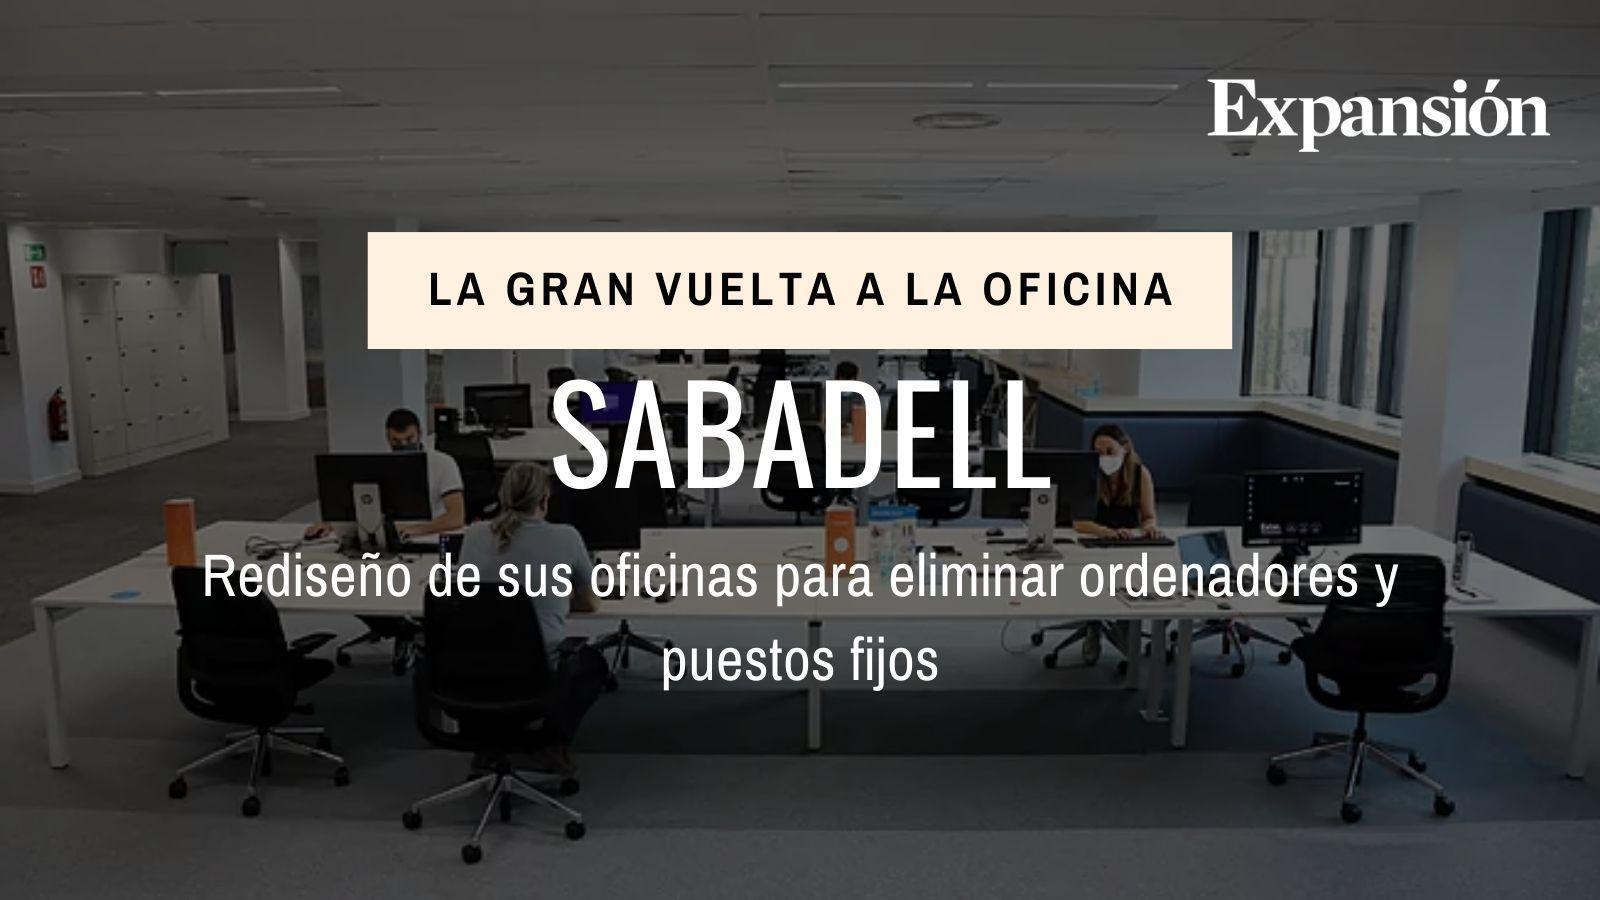 Sabadell rediseña sus oficinas para eliminar ordenadores y puestos fijos